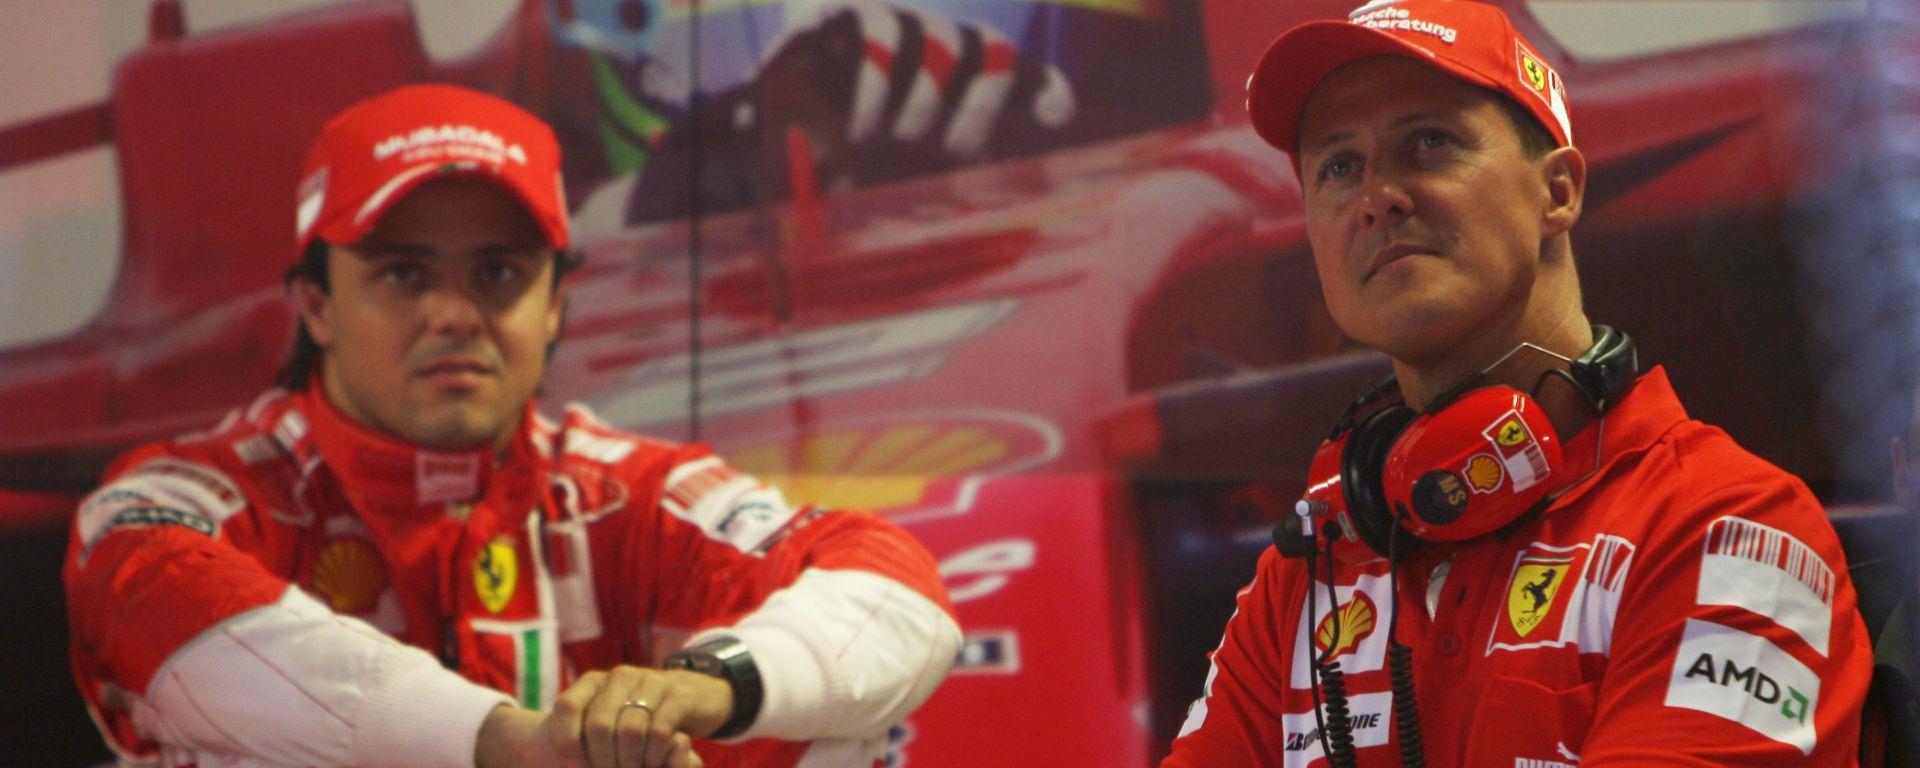 F1 2008: Felipe Massa e Michael Schumacher nel box Ferrari